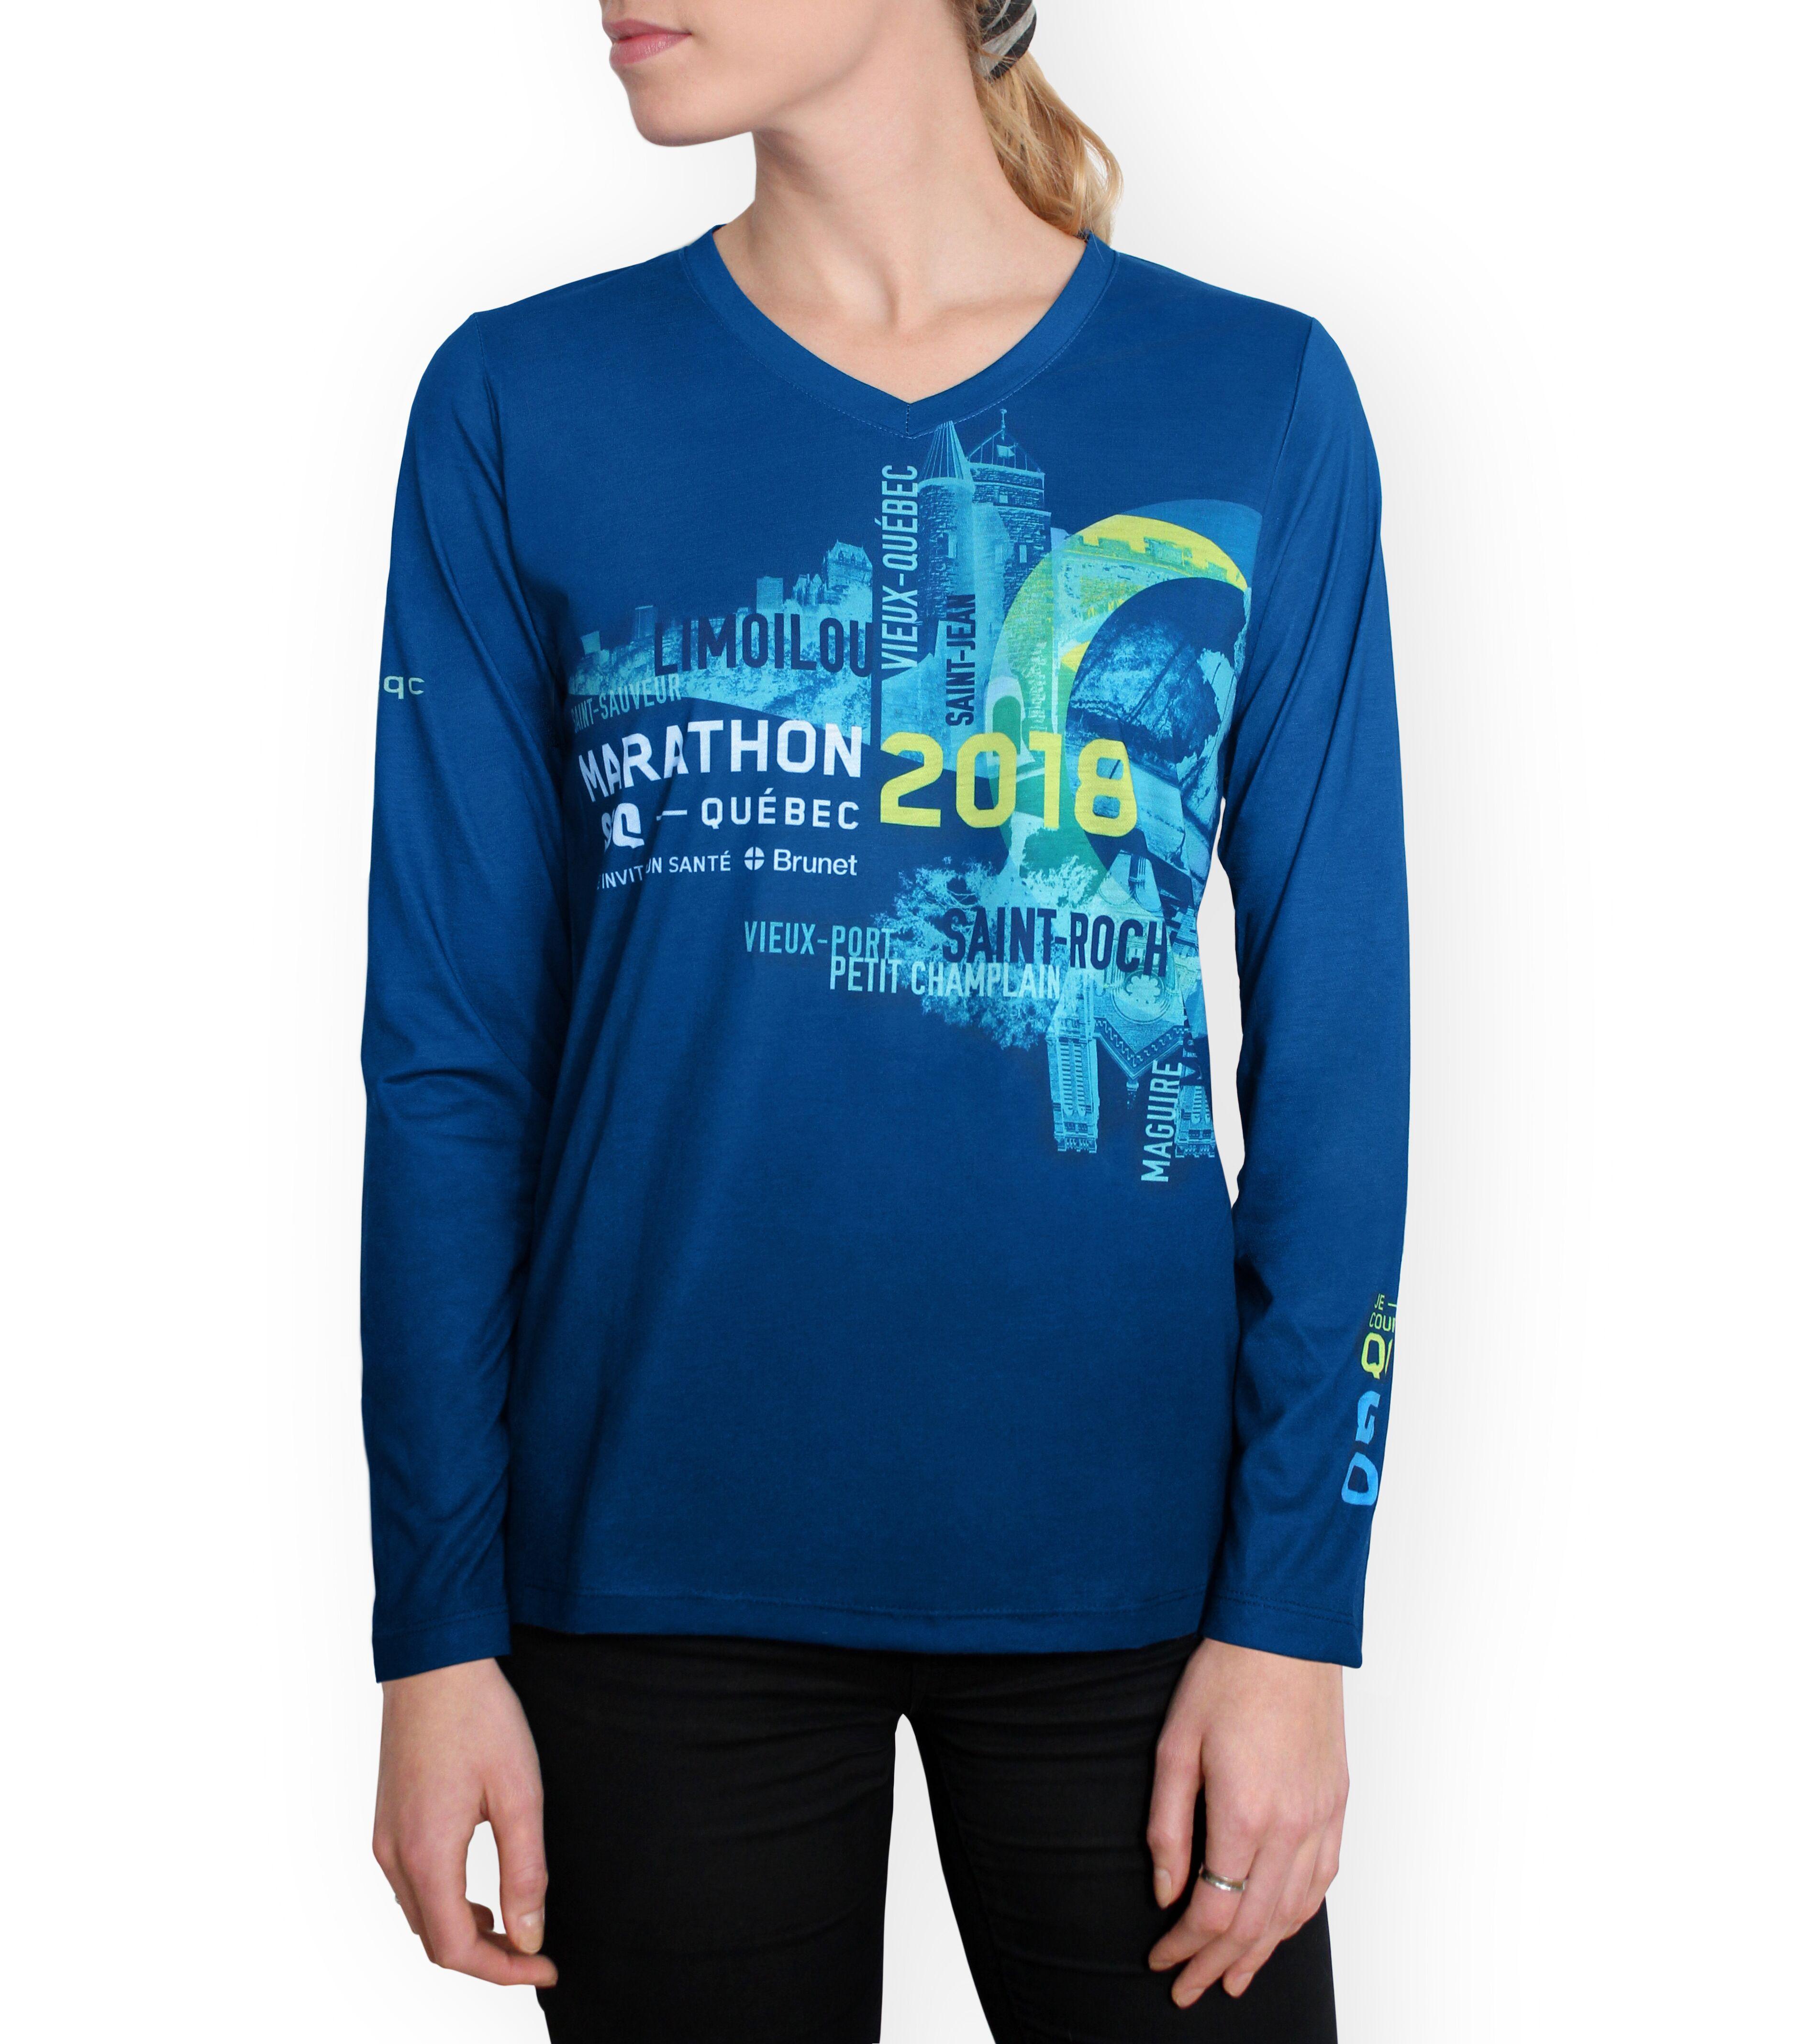 t-shirt du marathon ssq de québec